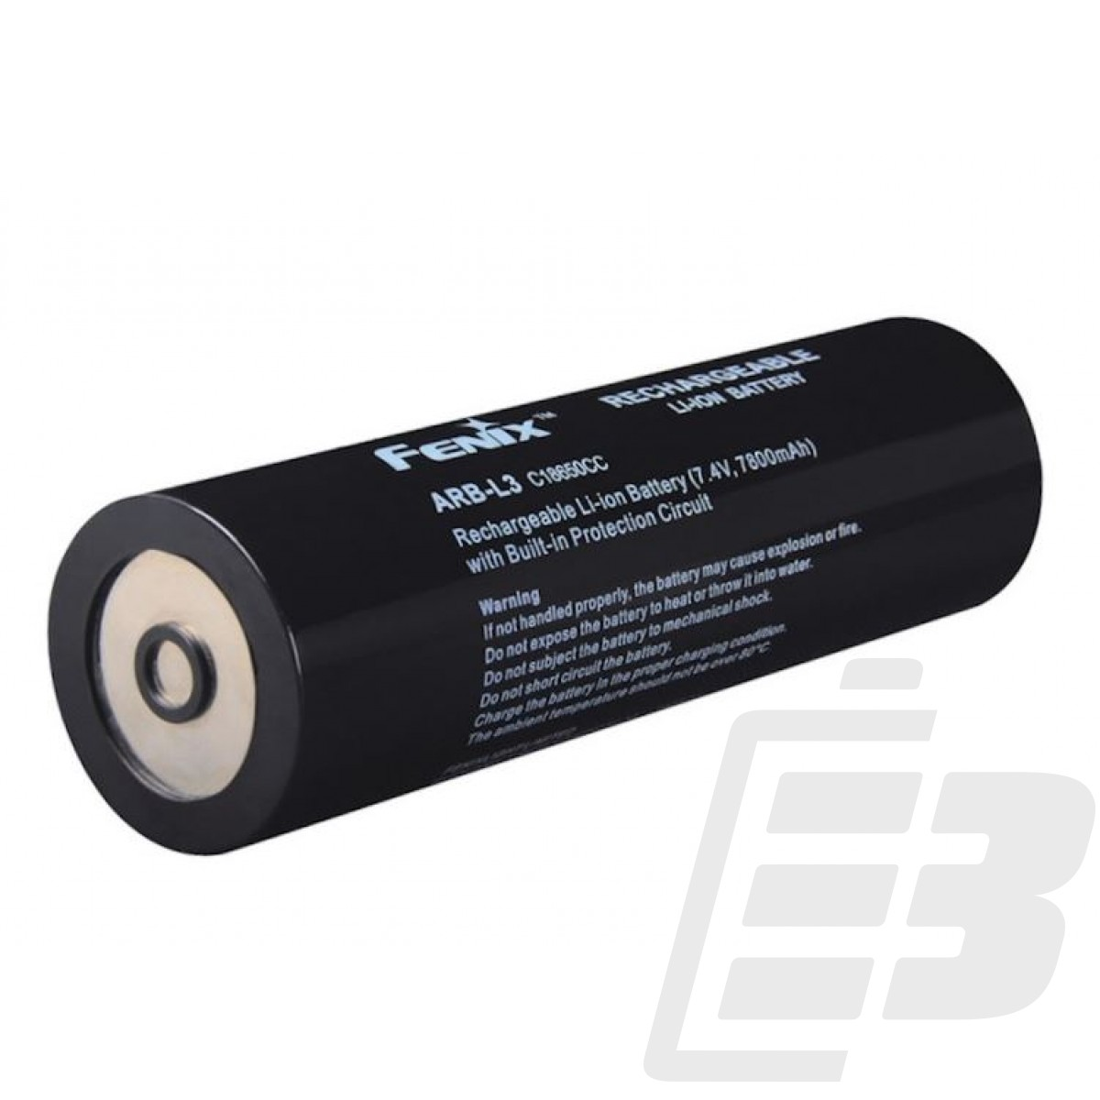 Μπαταρια Fenix ARB-L3 18650 CC 7800mAh Protected 1